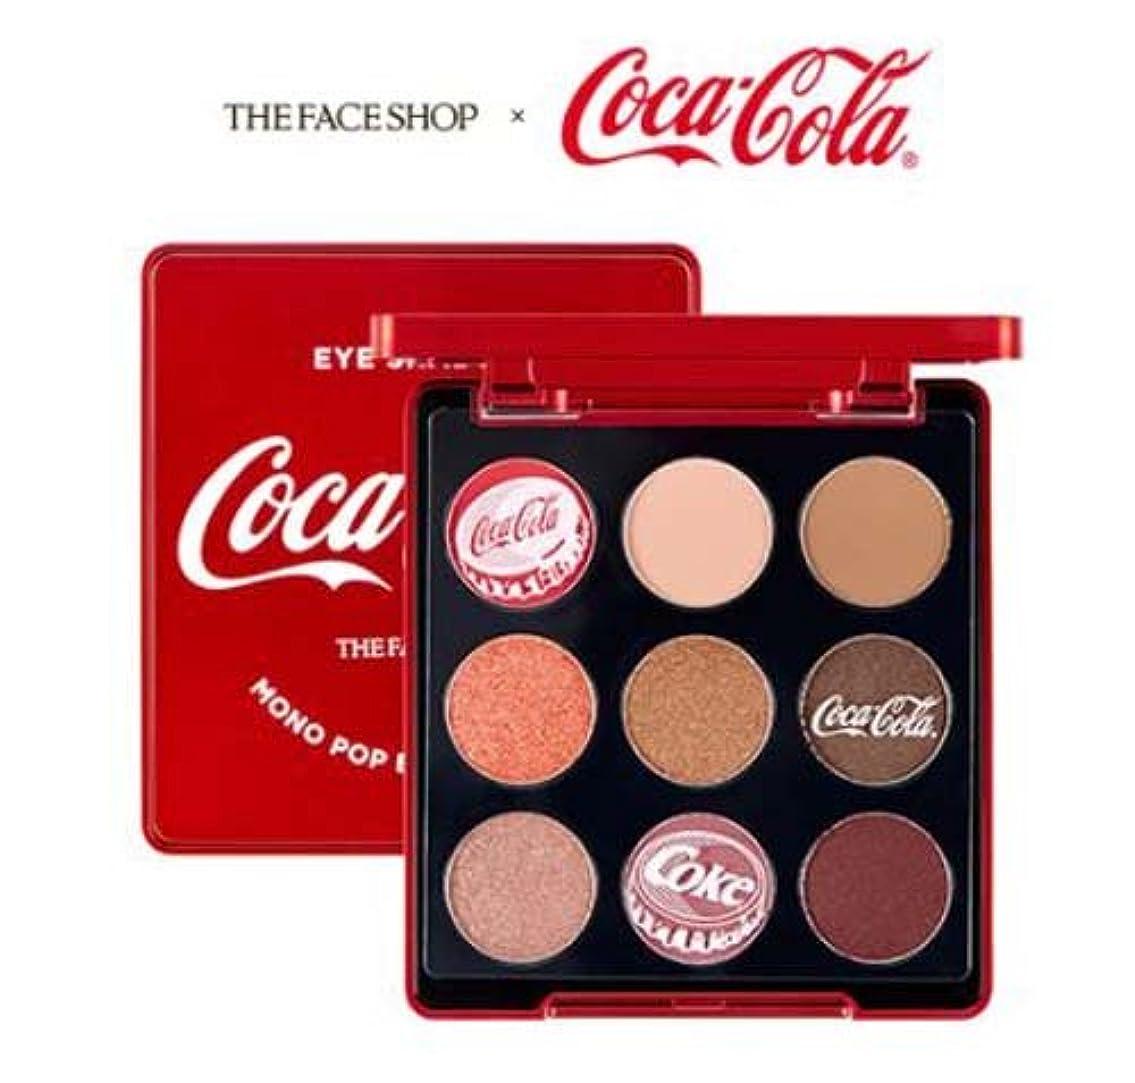 建てる火山の路地[ザ?フェイスショップ] THE FACE SHOP [モノ ポップ アイズ シャドーパレット(9色) - コカ?コーラ限定版] (Mono Pop Eyes - Coca Cola Edition) [海外直送品]